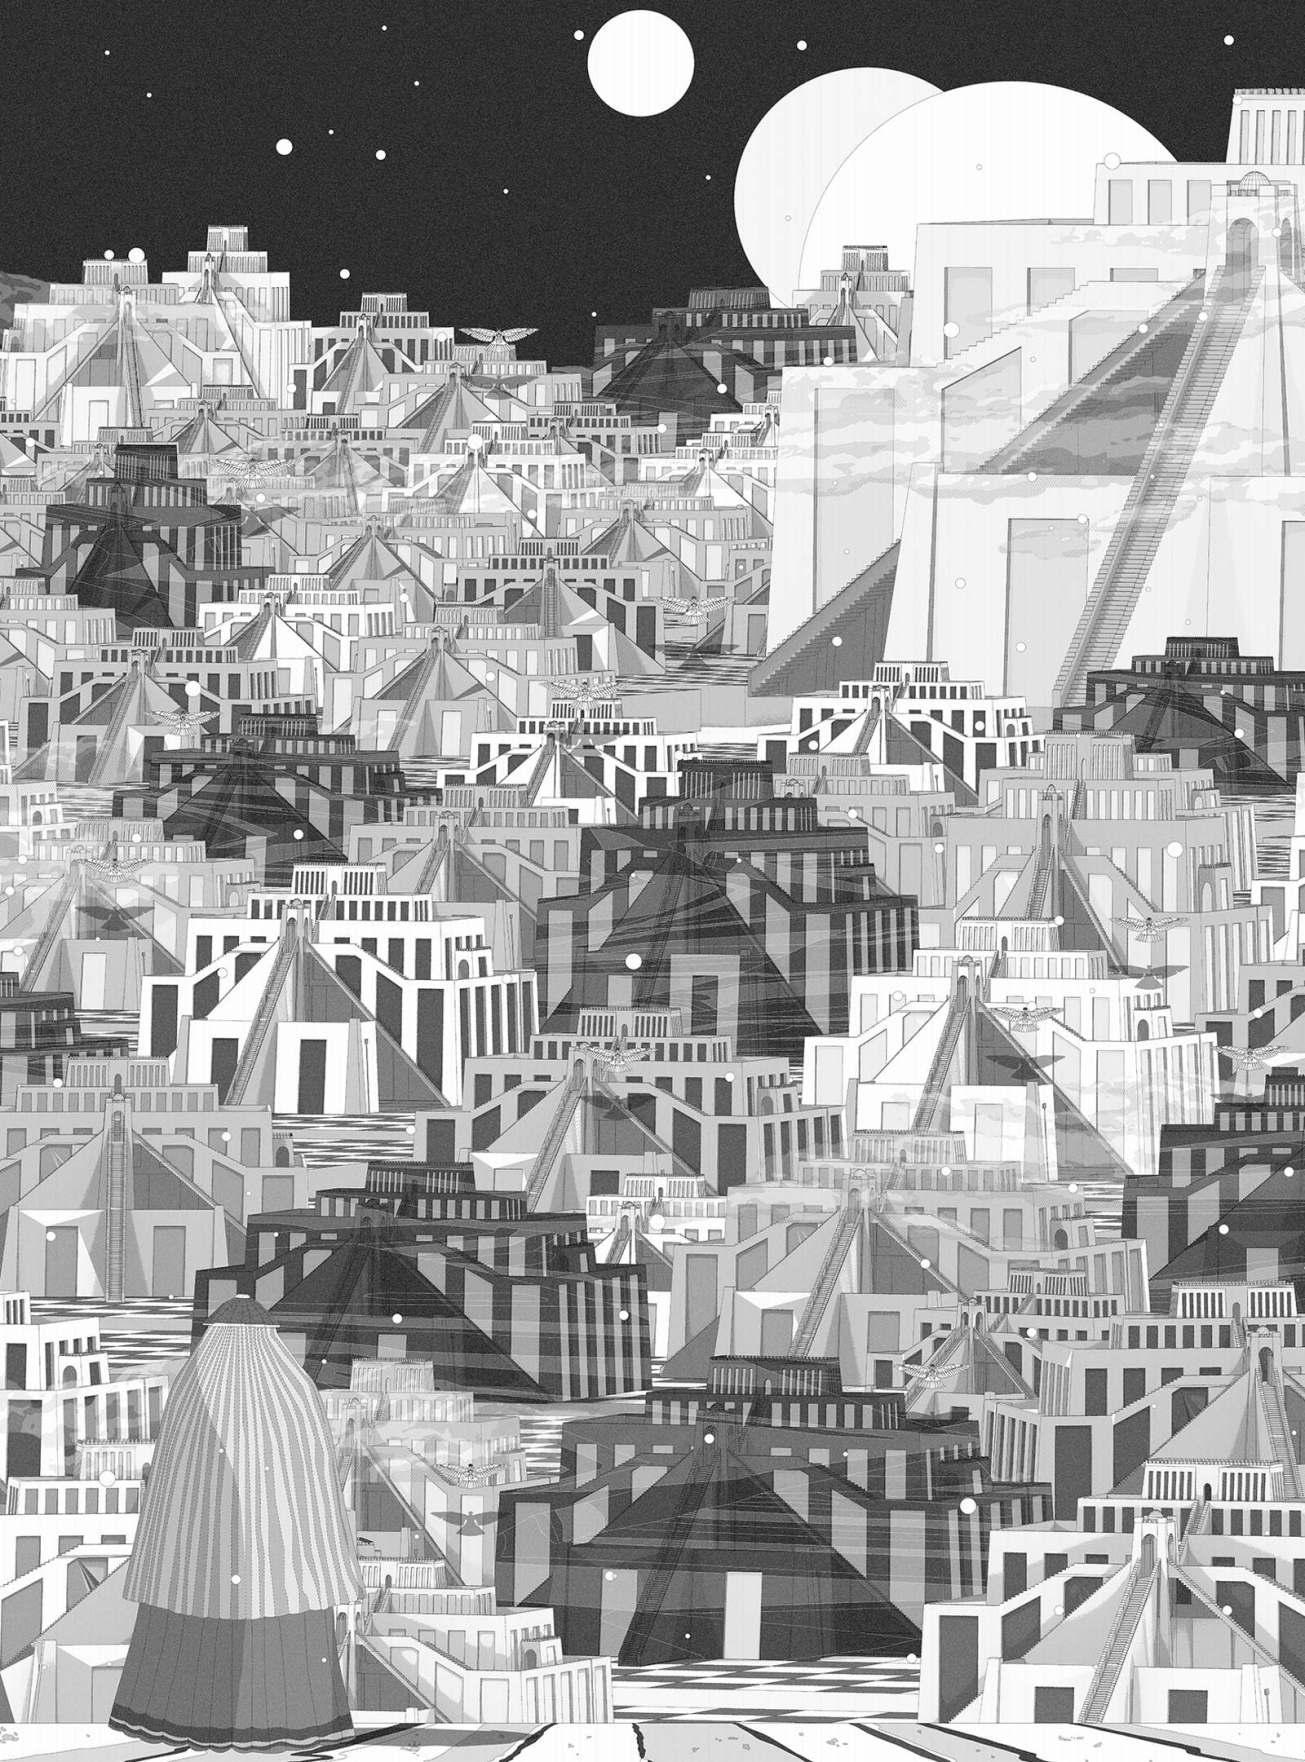 4-marble-buildings_1600_c